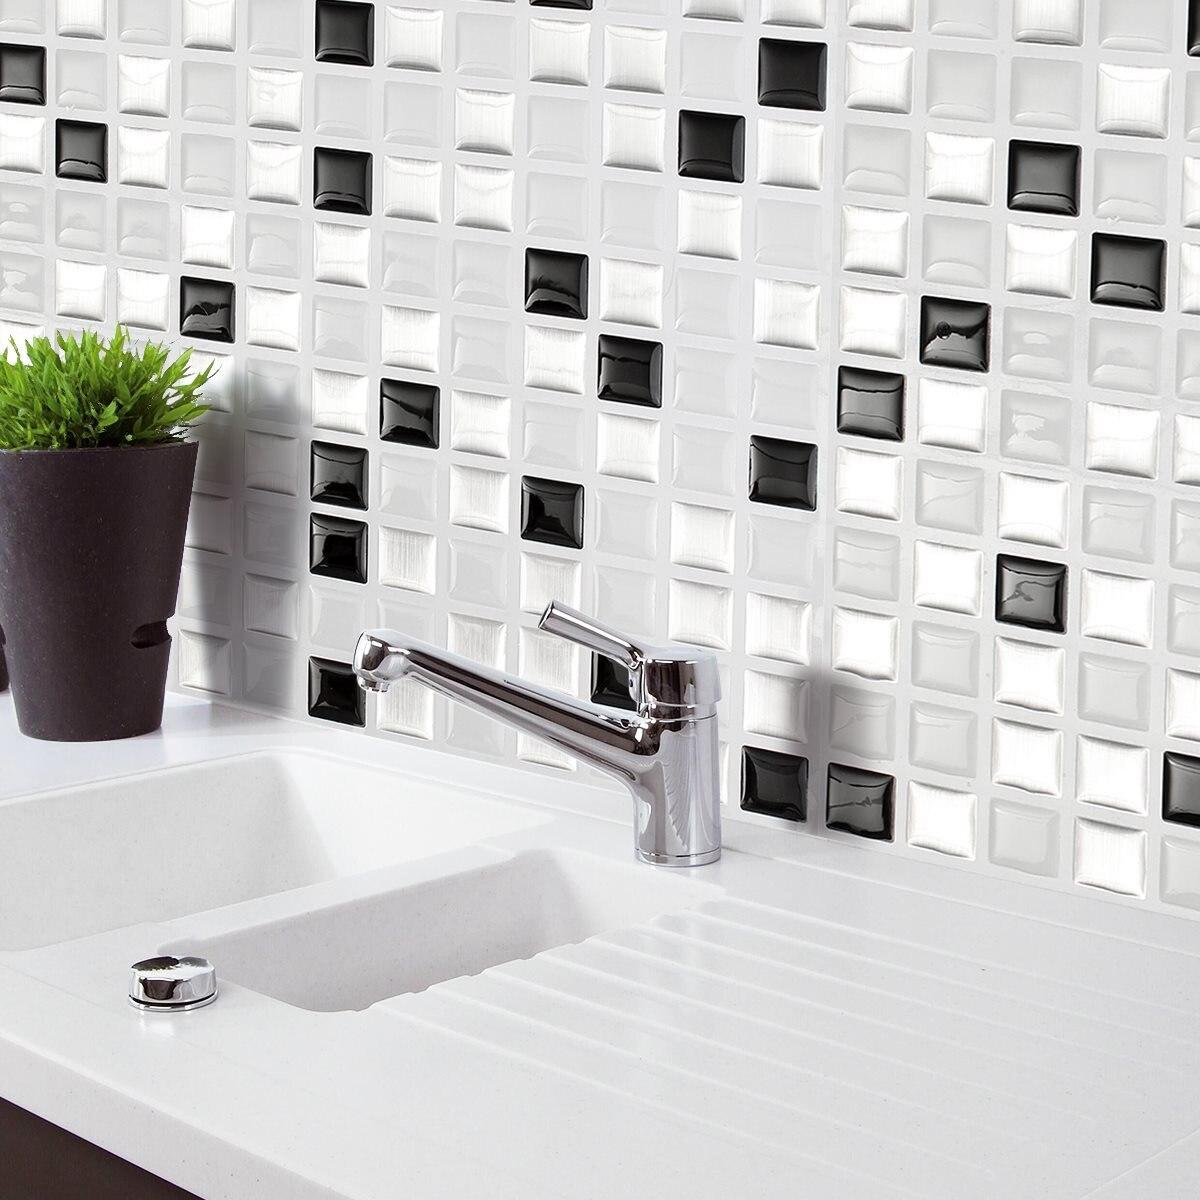 Ingrosso di alta qualità mattoni piastrelle del bagno da grossisti ...